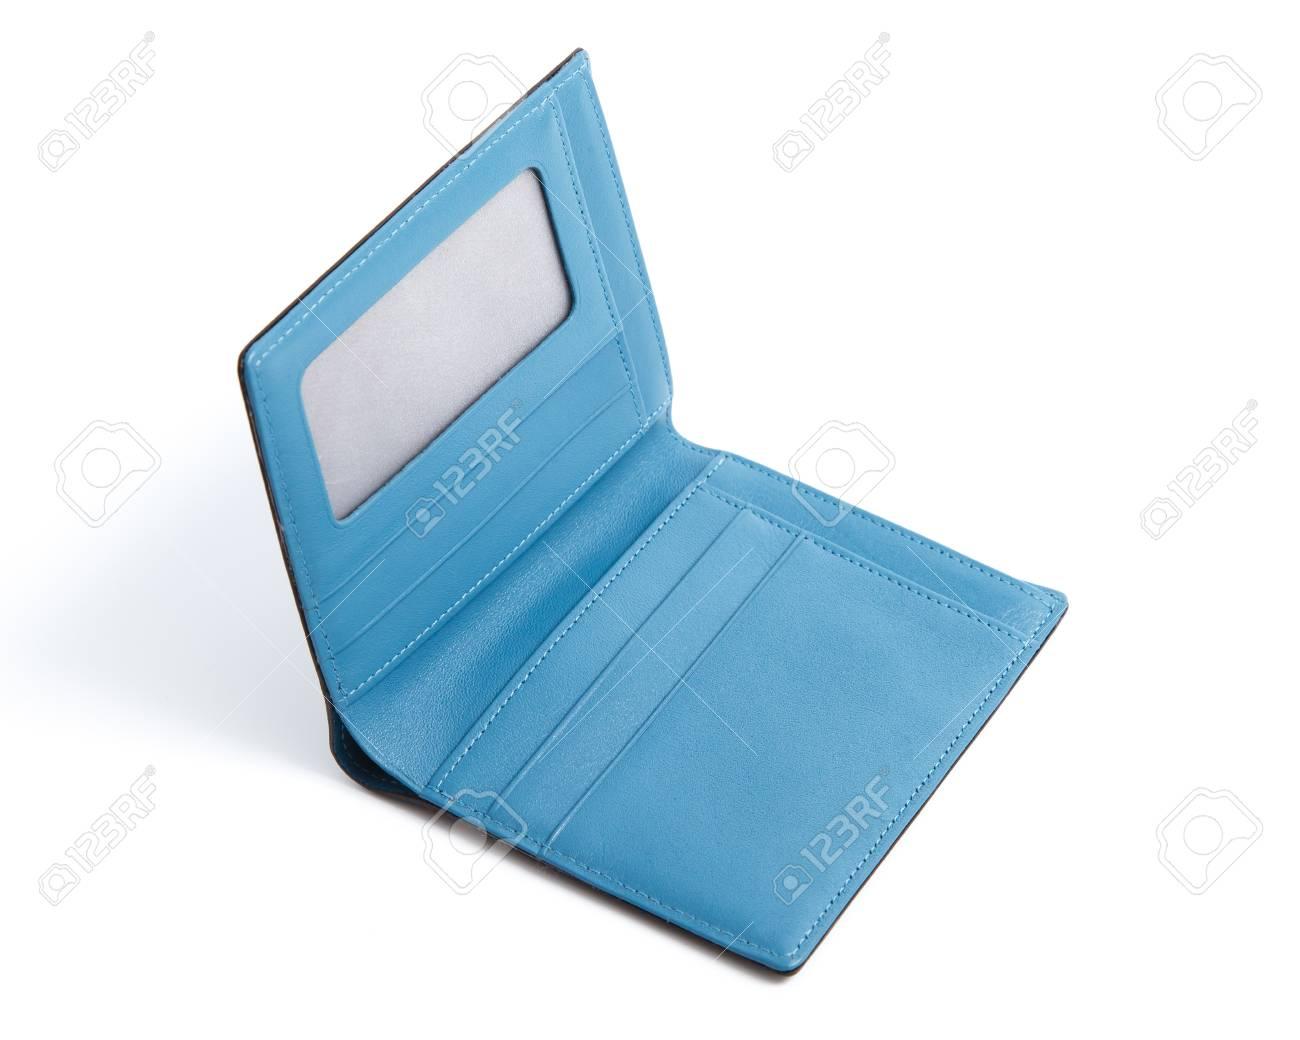 Blauwe Portemonnee.Blauwe Portemonnee Geisoleerd Op Witte Achtergrond Royalty Vrije